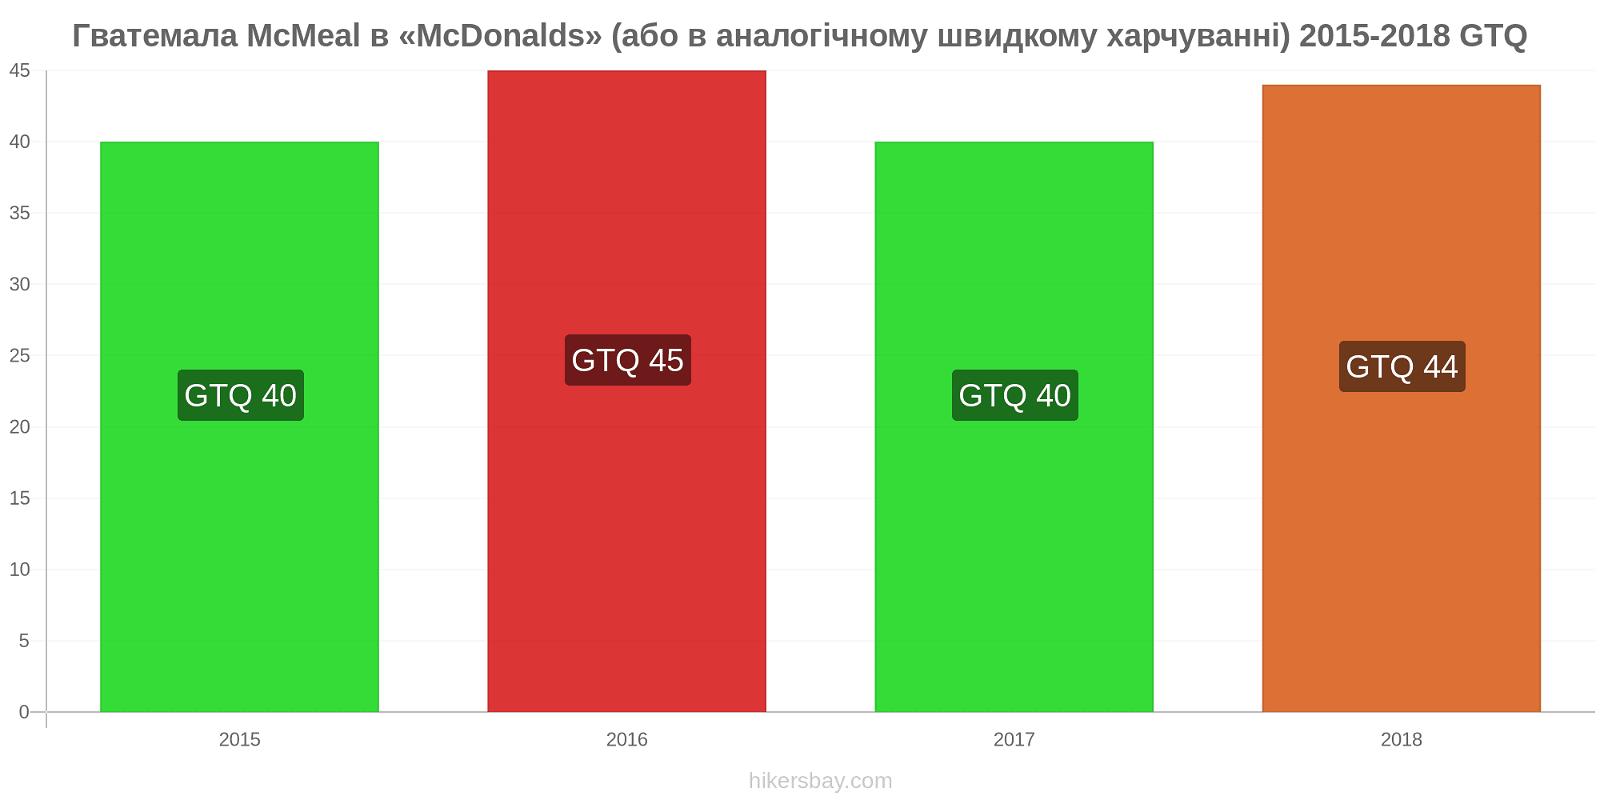 Гватемала зміни цін McMeal в «McDonalds» (або в аналогічному швидкому харчуванні) hikersbay.com